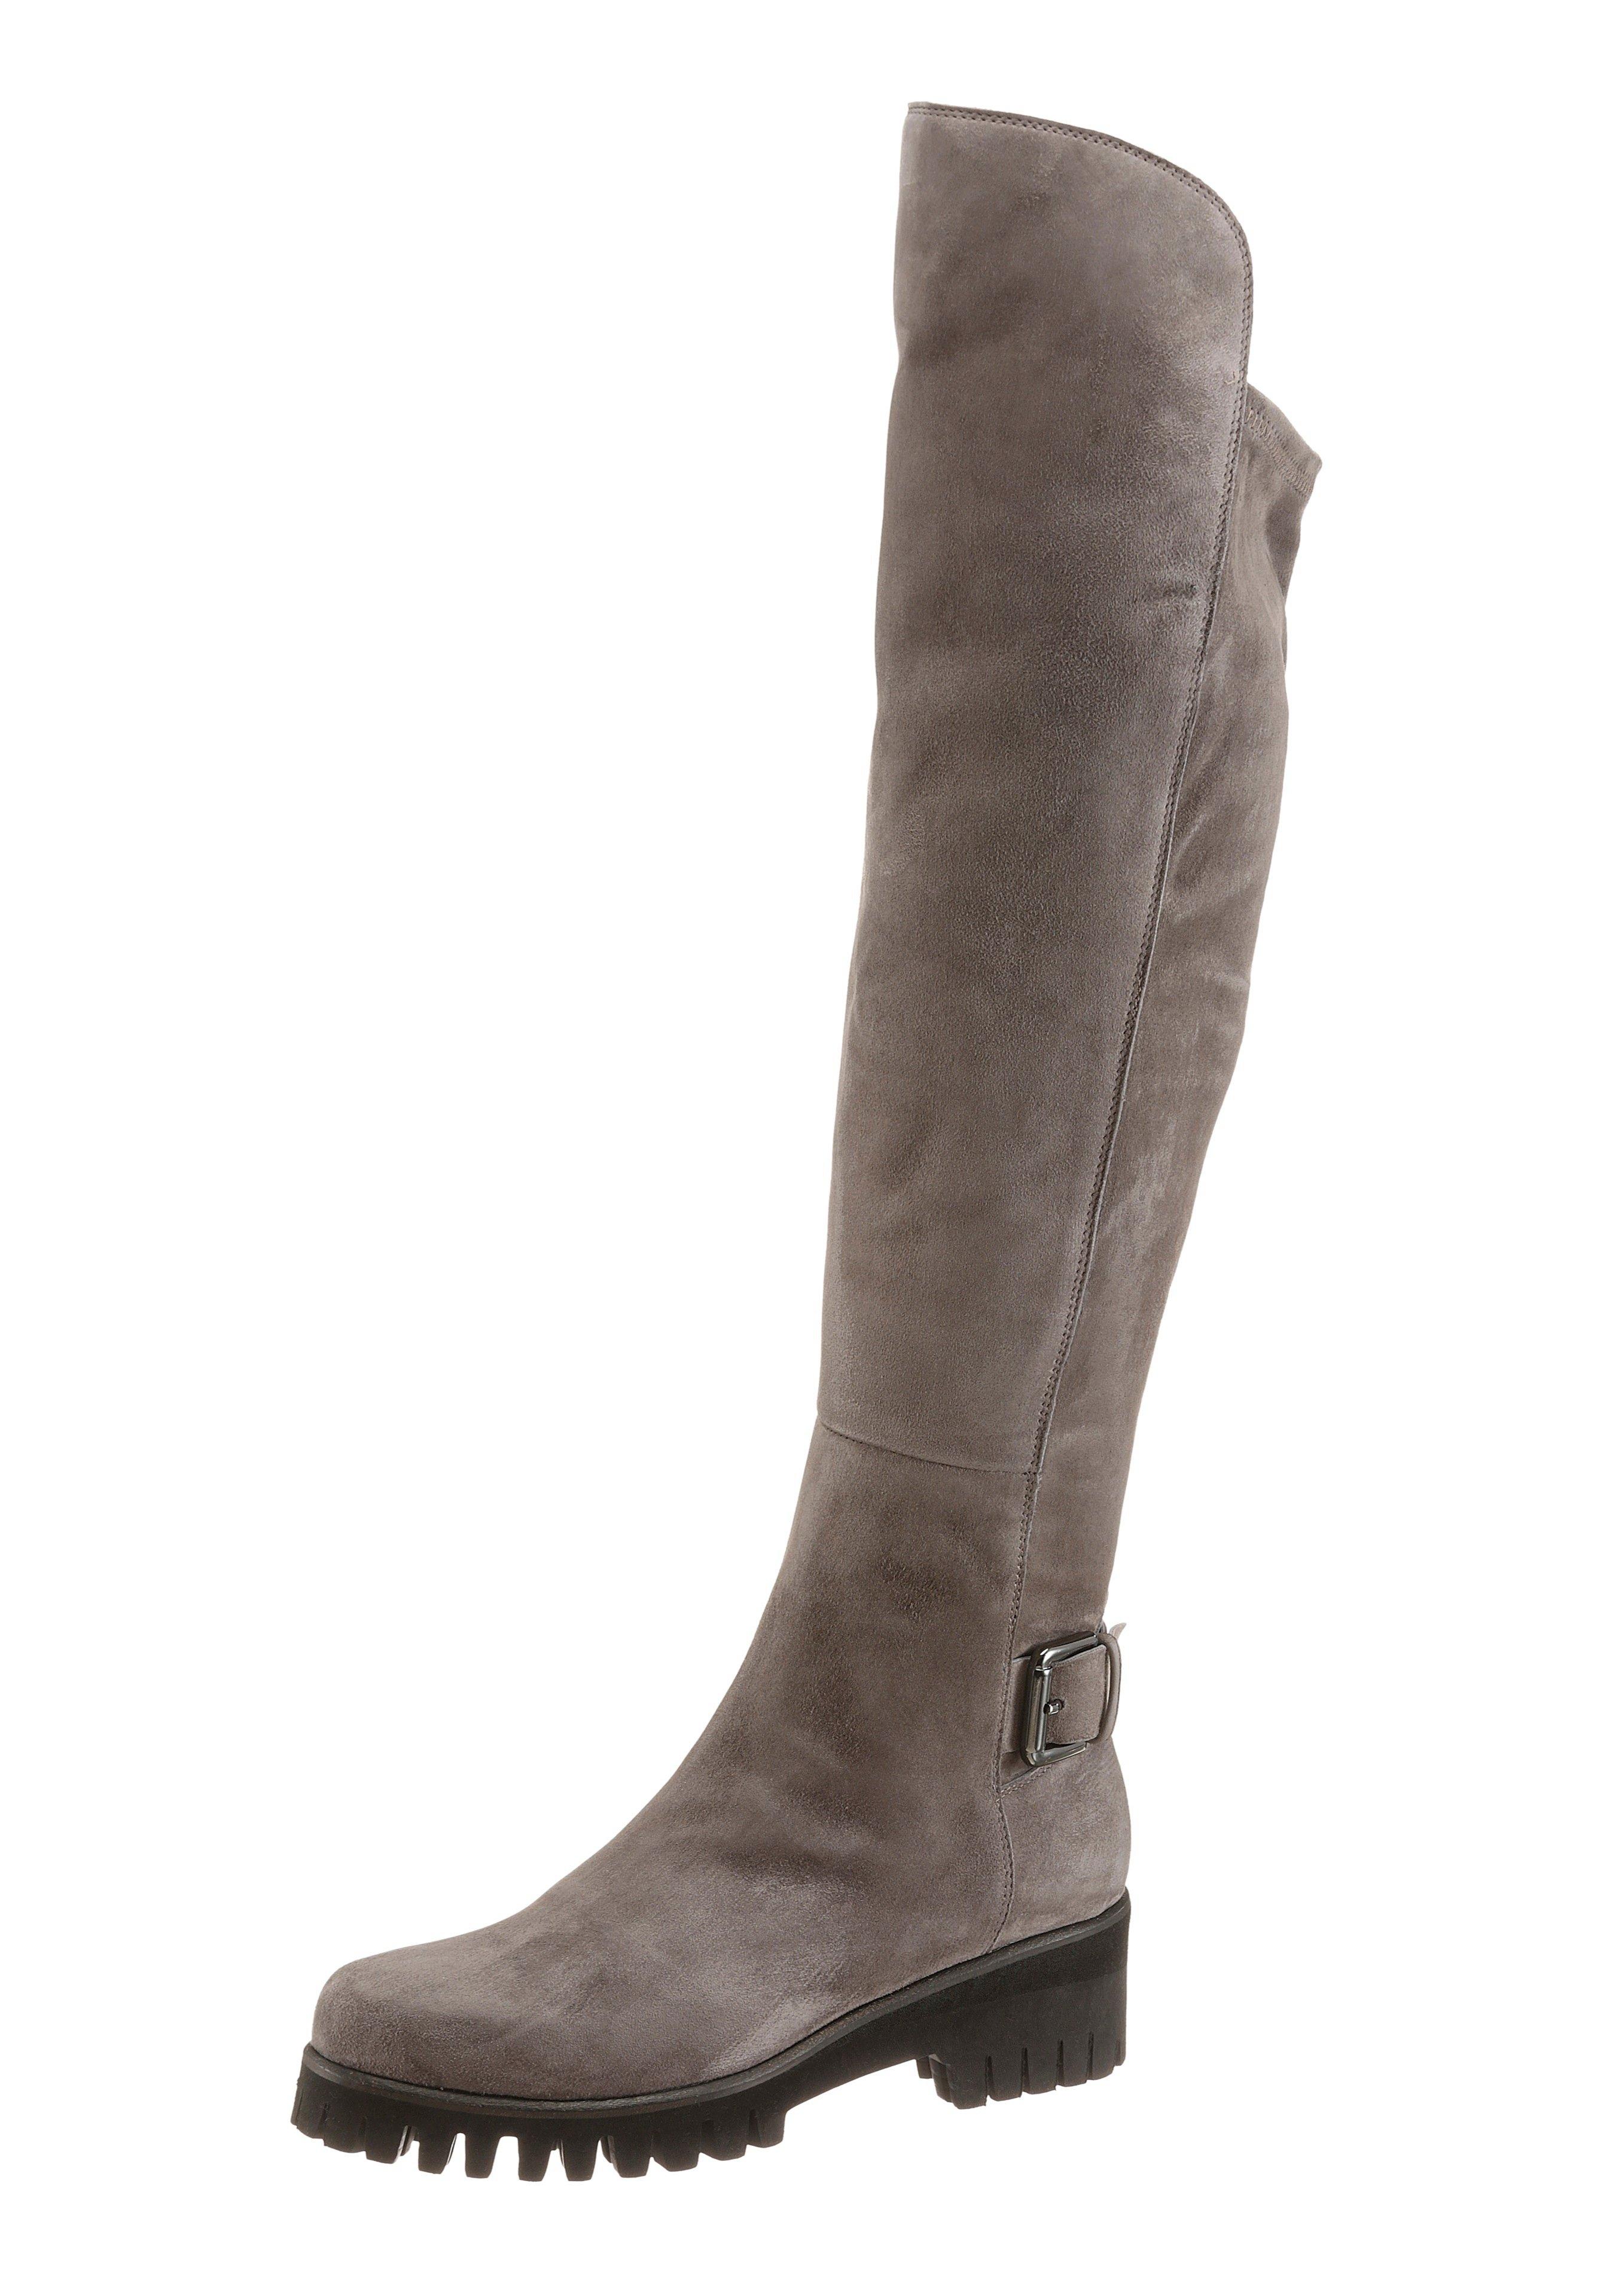 Donna Carolina Overknee-laarzen van Donna Carolina voordelig en veilig online kopen